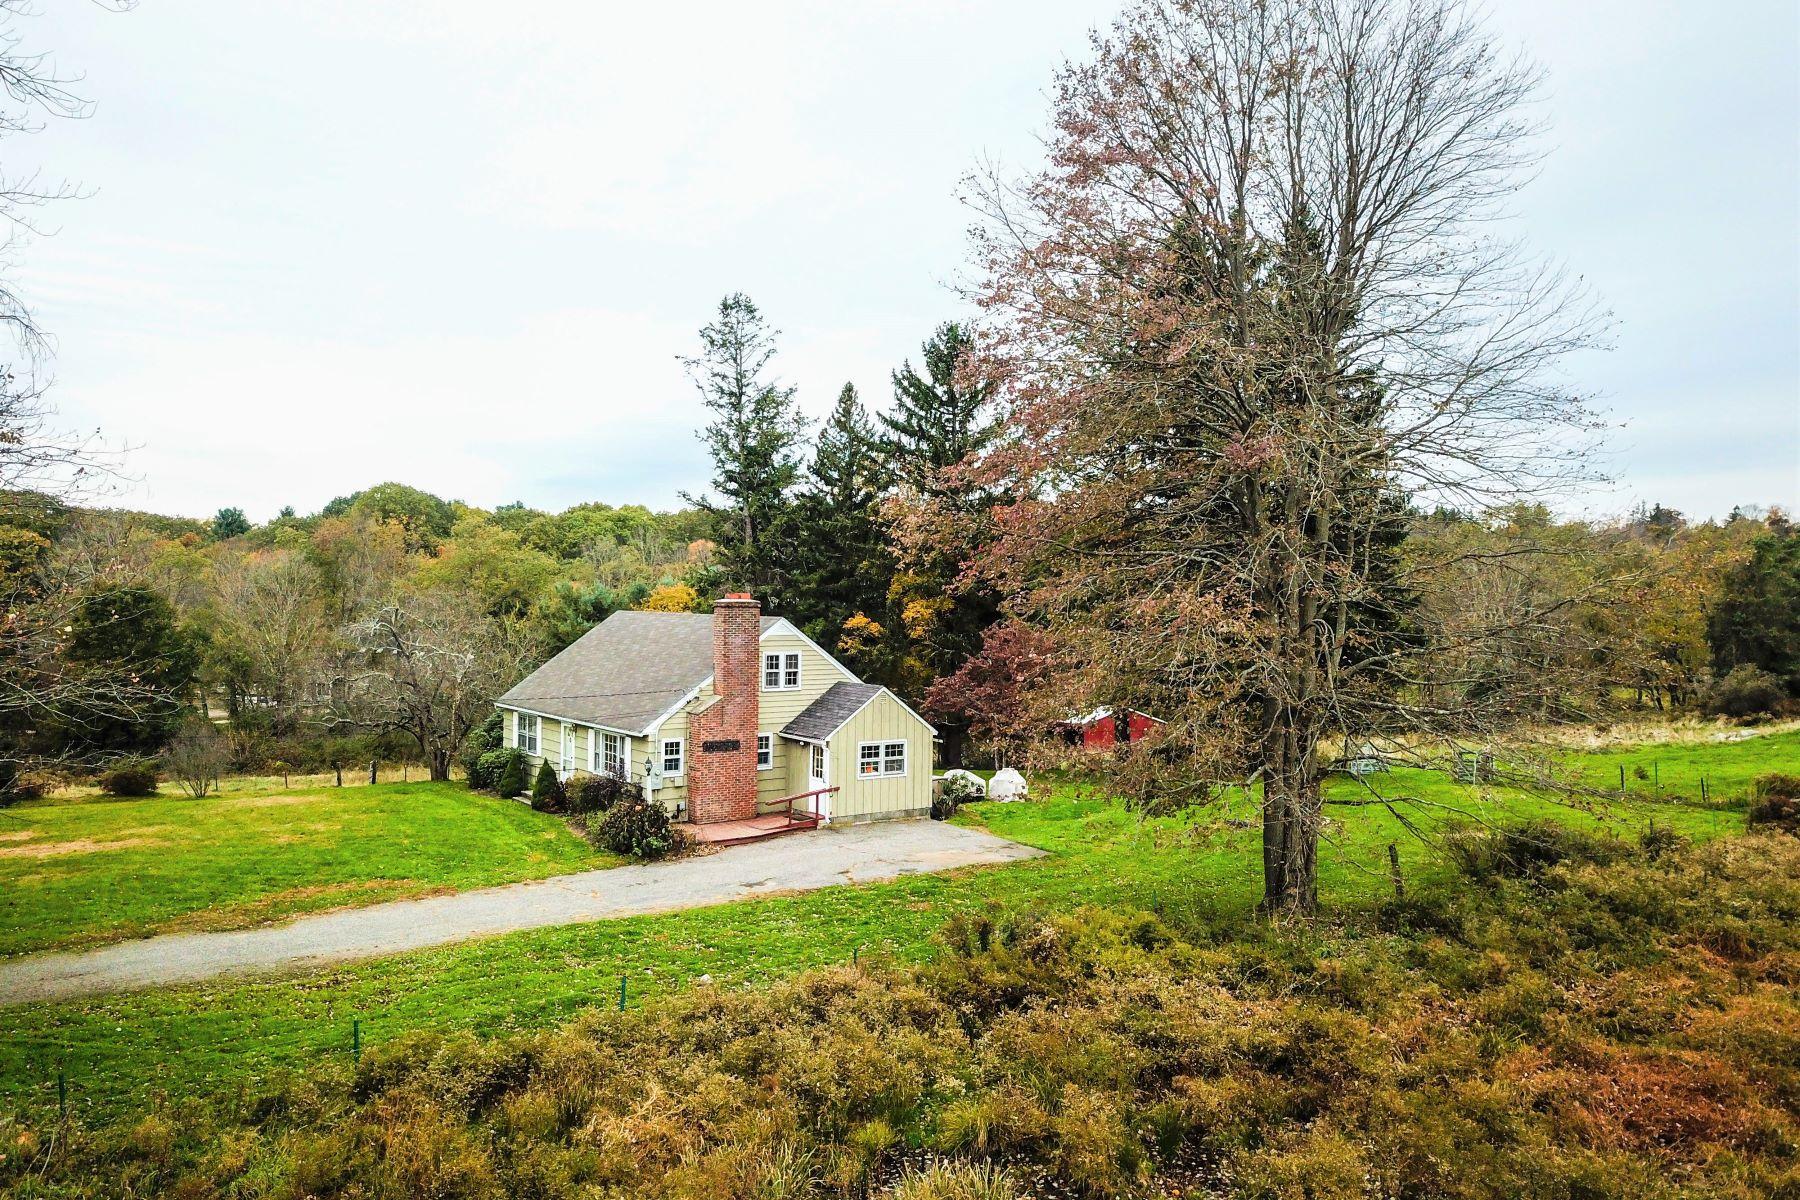 Casa Unifamiliar por un Venta en River Front, Pond, Fields, Cape on 28 Acres 39 Camp Dutton Road Litchfield, Connecticut 06759 Estados Unidos